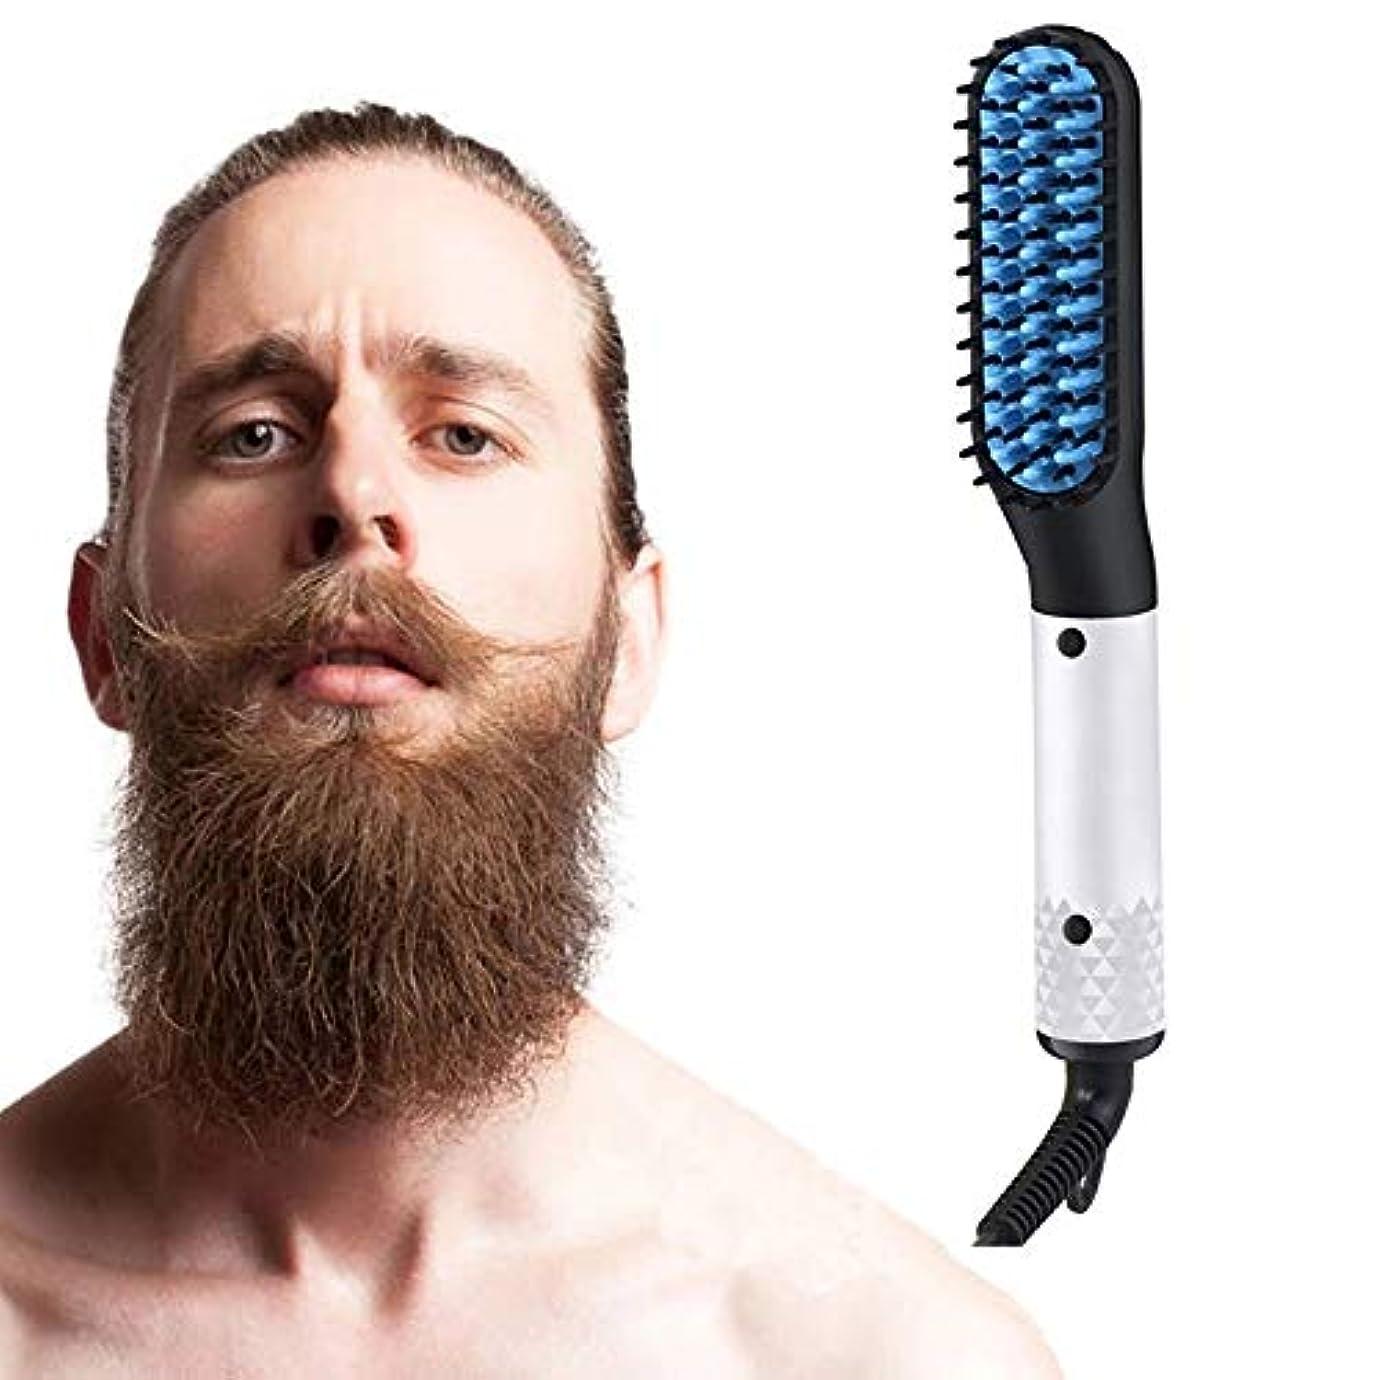 発生器不誠実ローラービアードストレイテナーくしストレートヘアブラシ電気温水イオンセラミック毛のストレートブラシは、より高速な暖房で、ホットツール髪フラットカーリング鉄は高速アンチゴールドとシェーピング